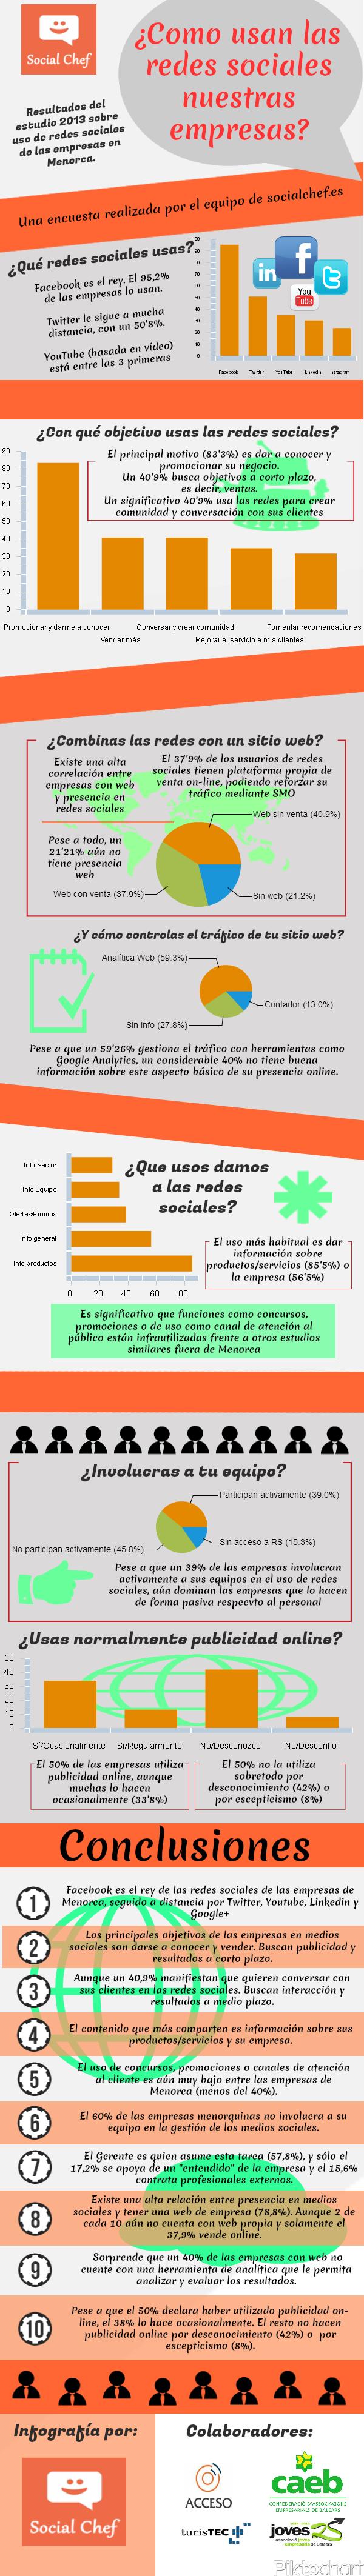 Infografia: uso de las redes sociales en las empresas